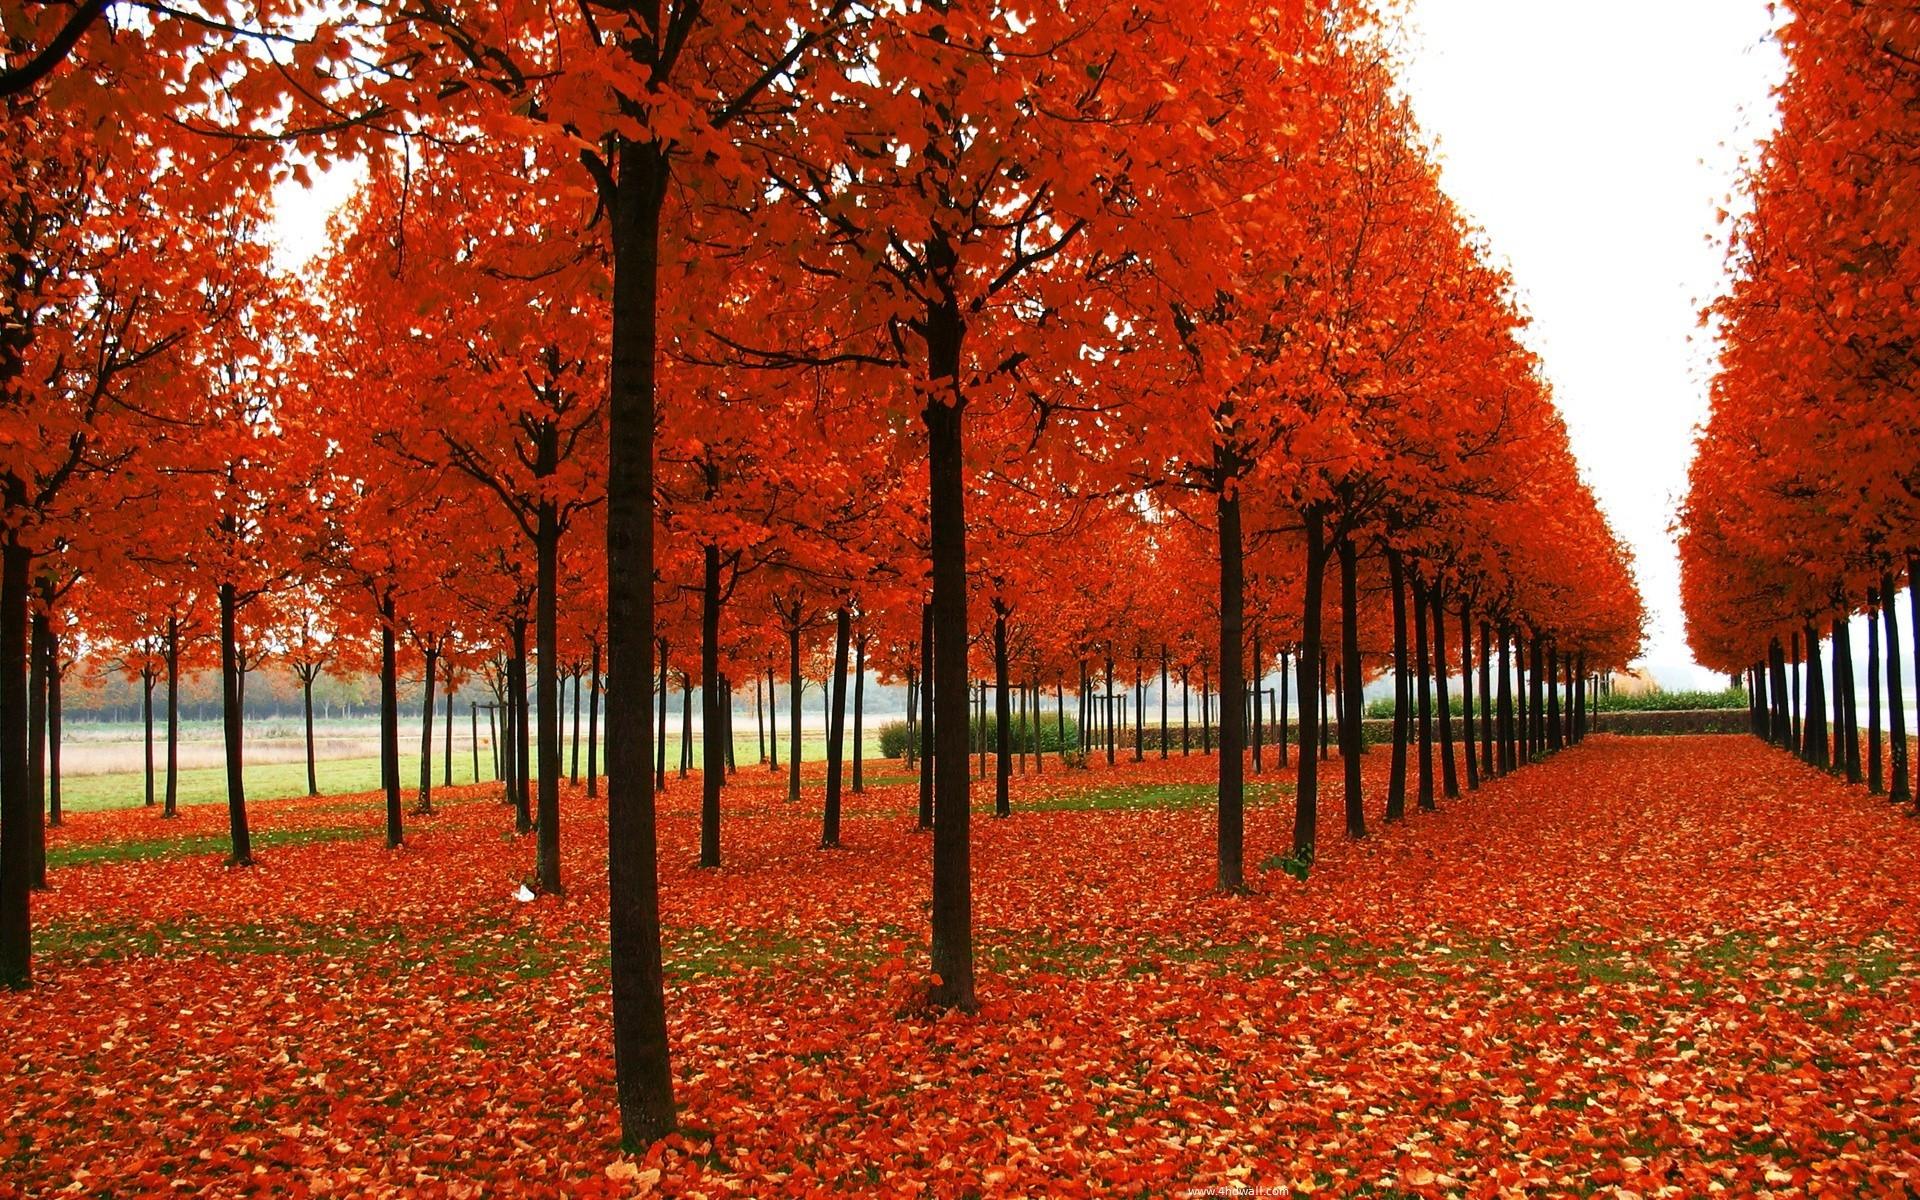 1920x1080 1920x1080 1920x1080 Seasonal Pictures for Desktop Wallpaper | Desktop Image